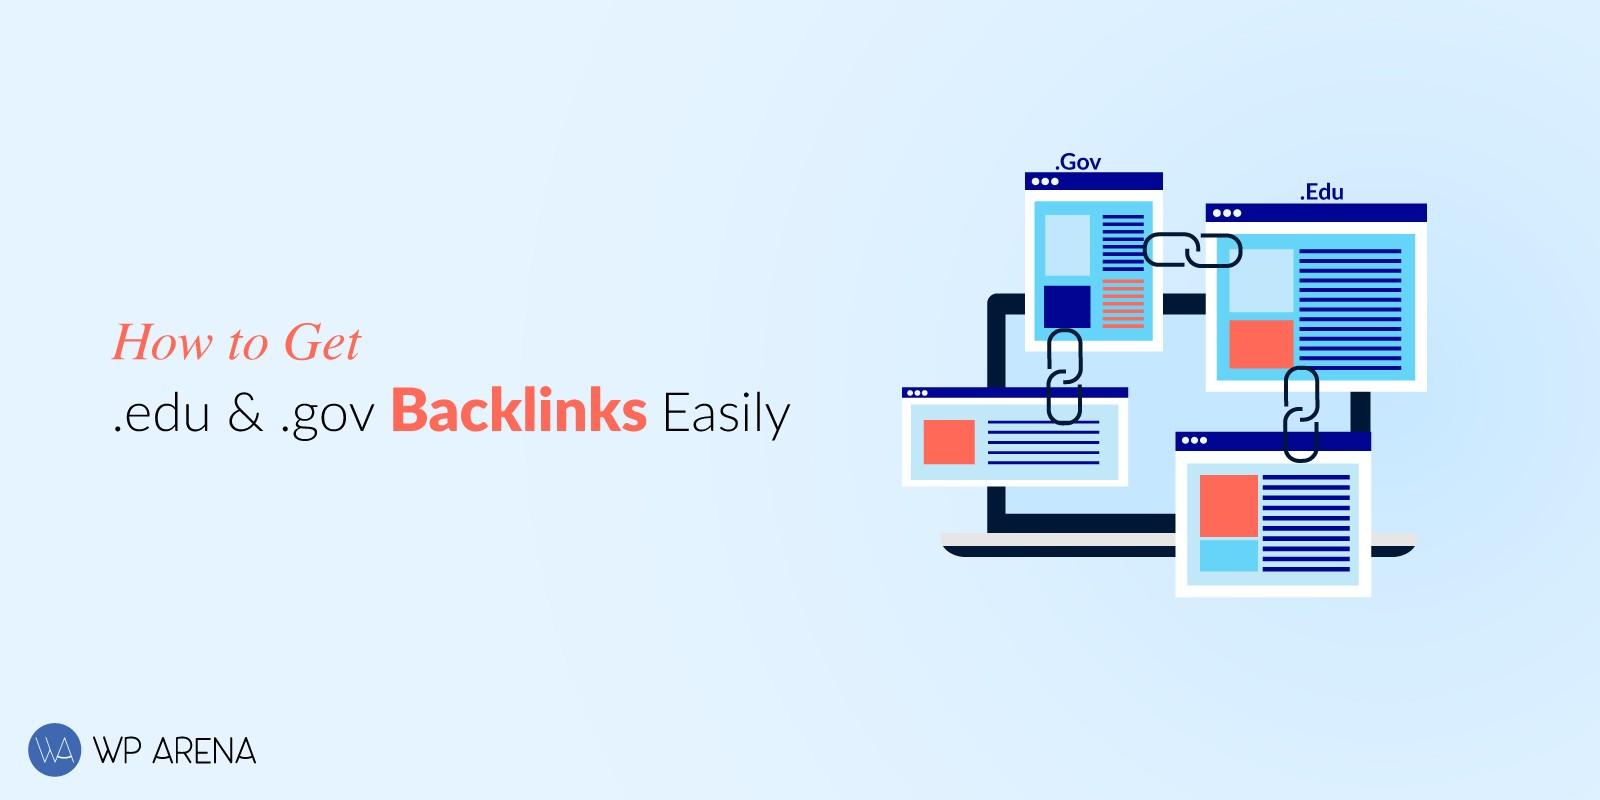 How to get Edu and Gov backlinks